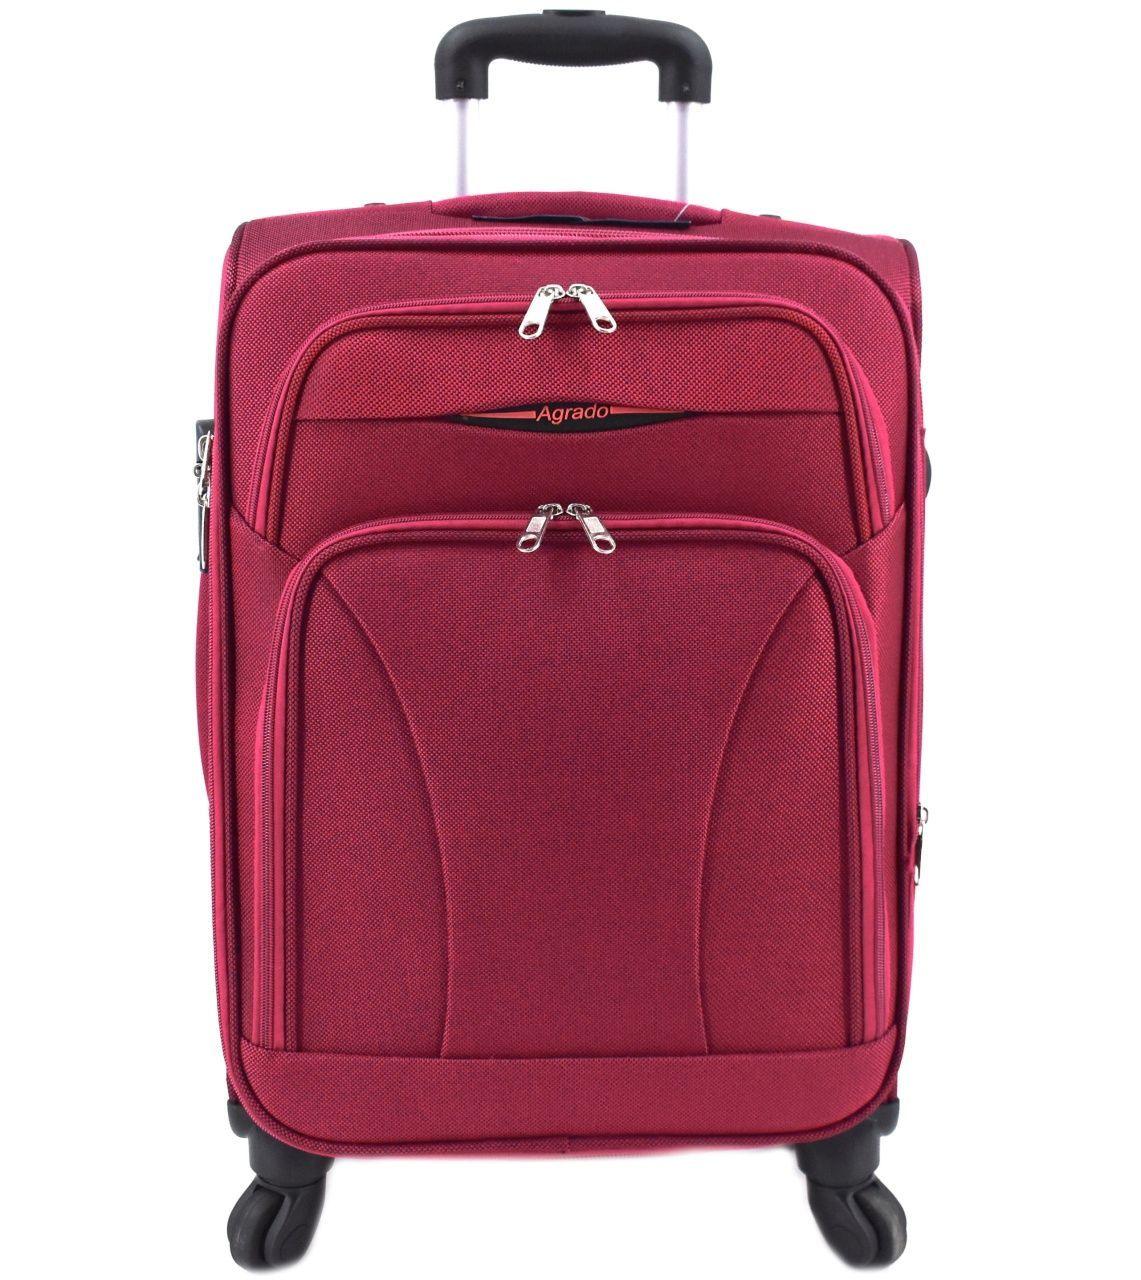 Cestovní textilní kufr na čtyřech kolečkách Agrado (M) 80l - vínová 8021 (M)